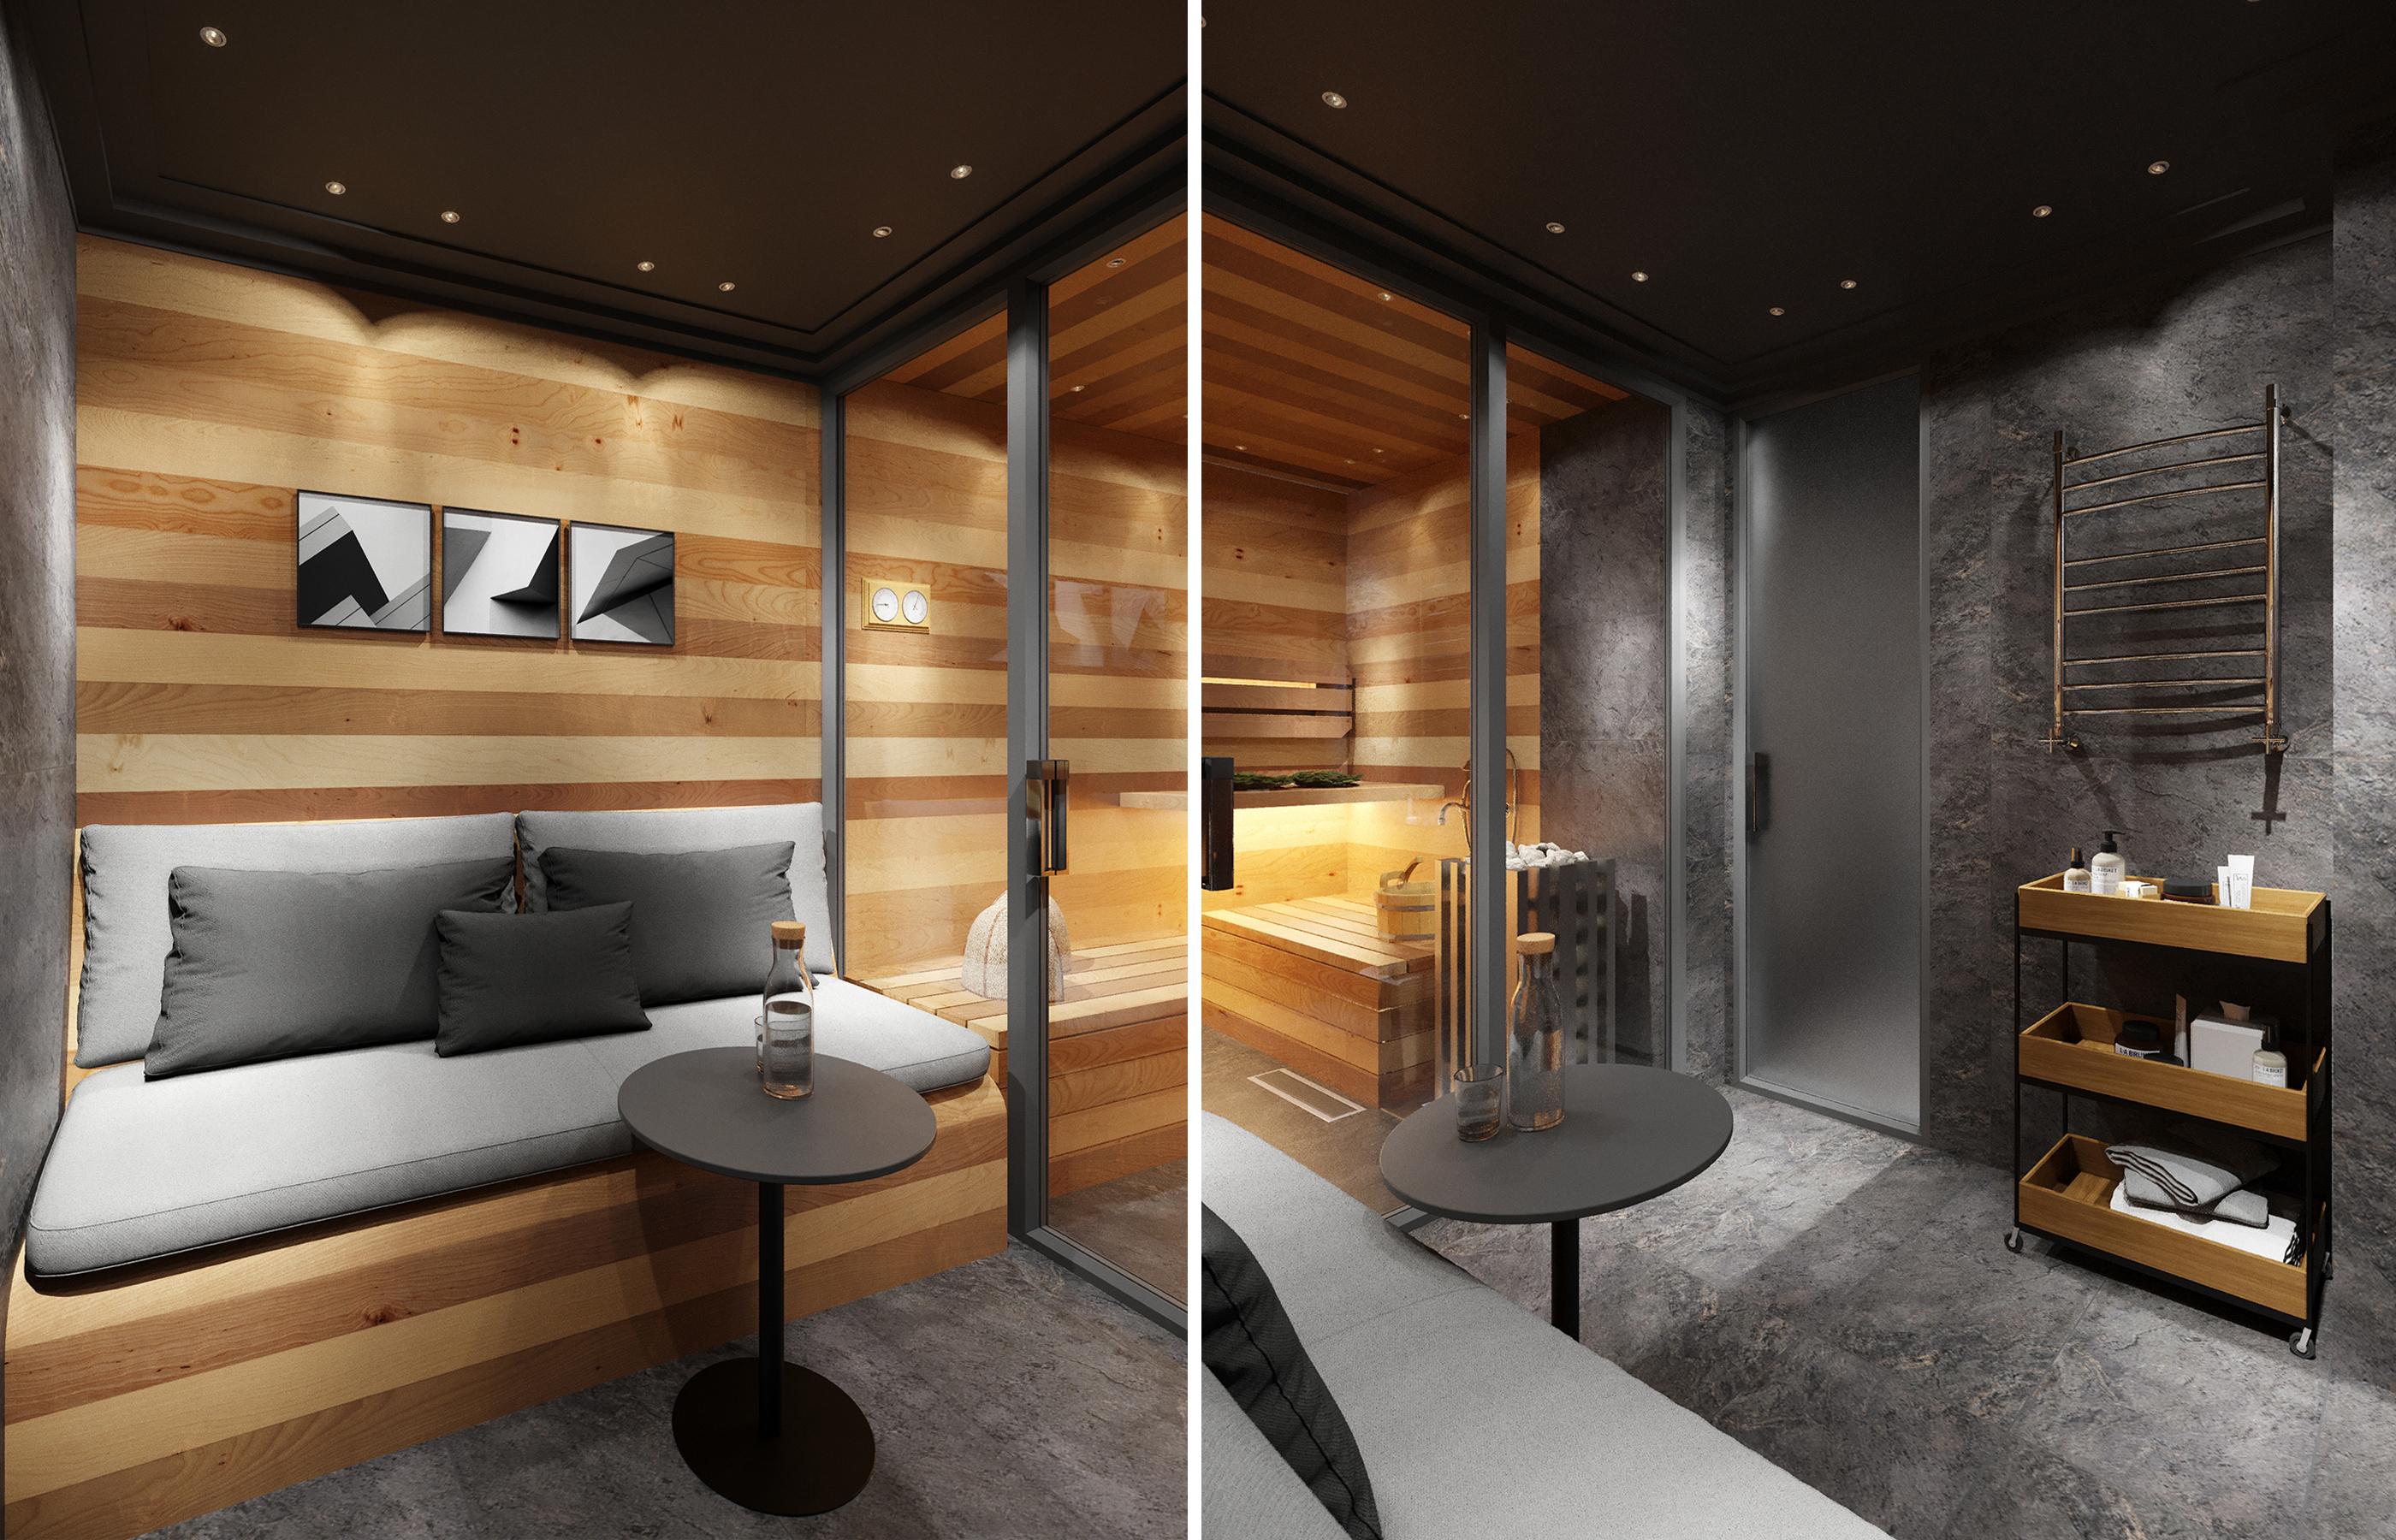 Дизайн интерьера сауны и зоны отдыха со стеклянной перегородкой